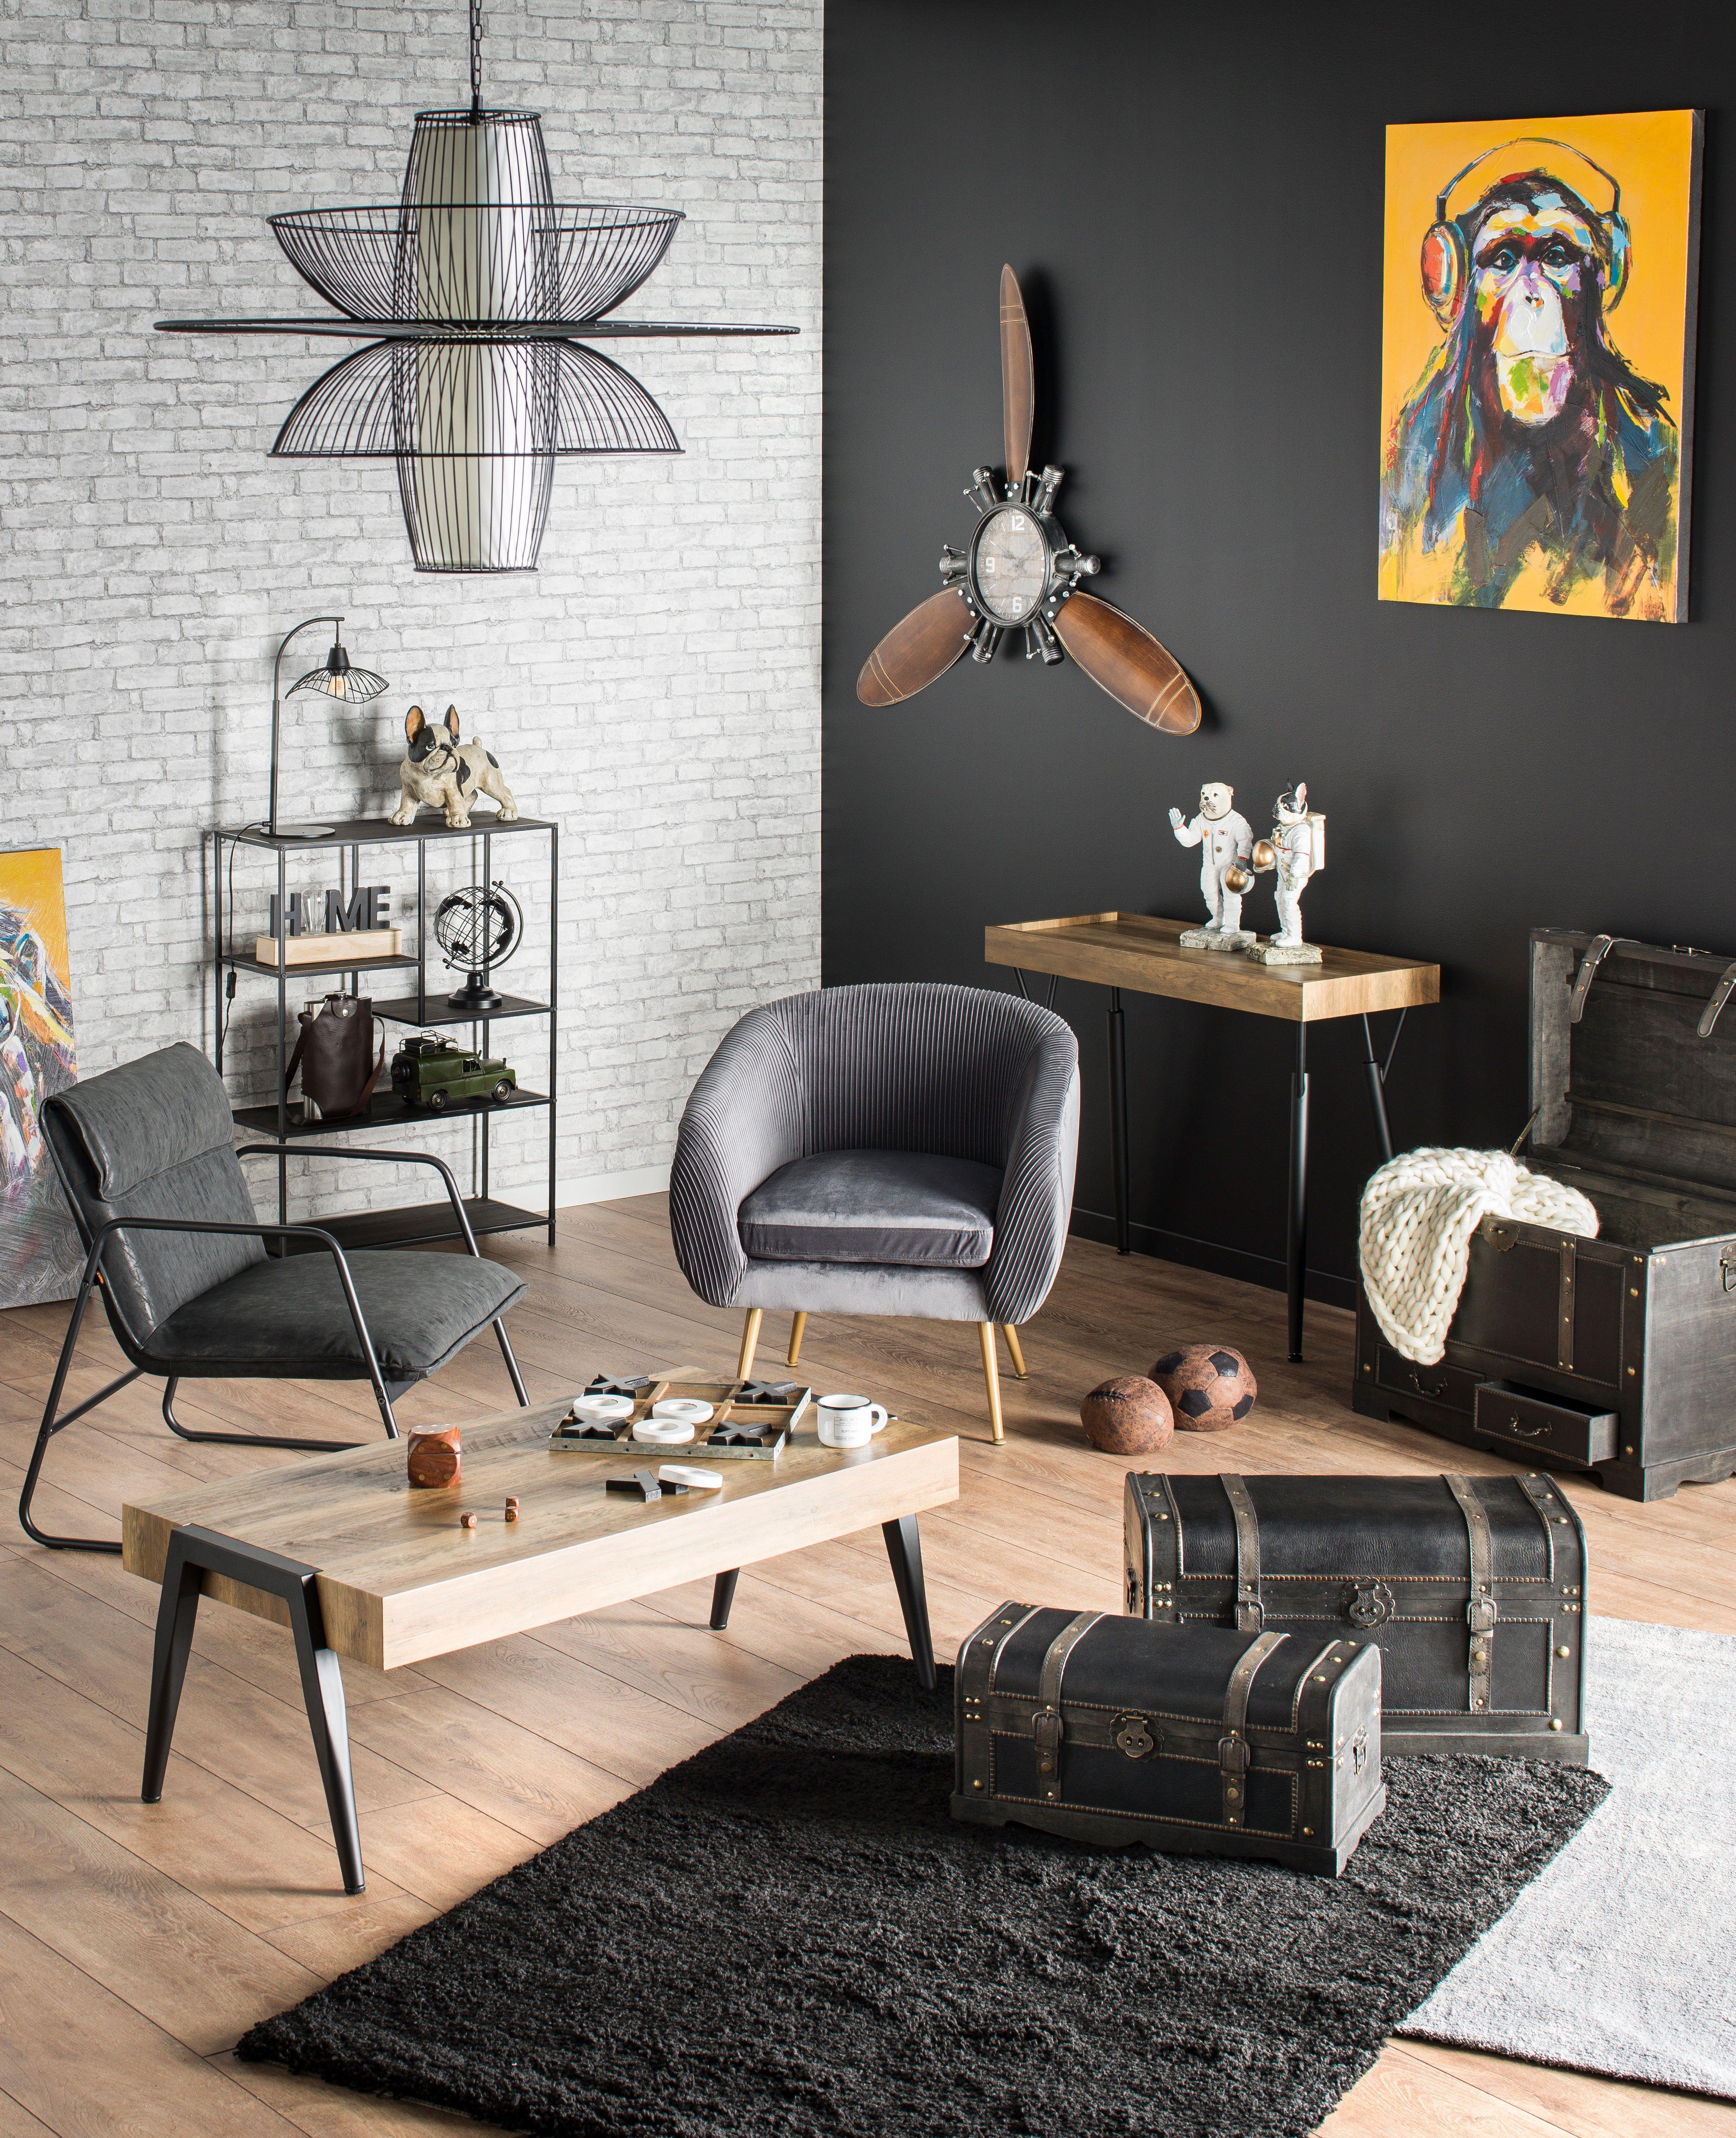 Ambiance Brooklyn Decoration De Salon Loft Industriel Kalico En 2020 Decoration Salon Objet Deco Industrielle Ambiance Deco